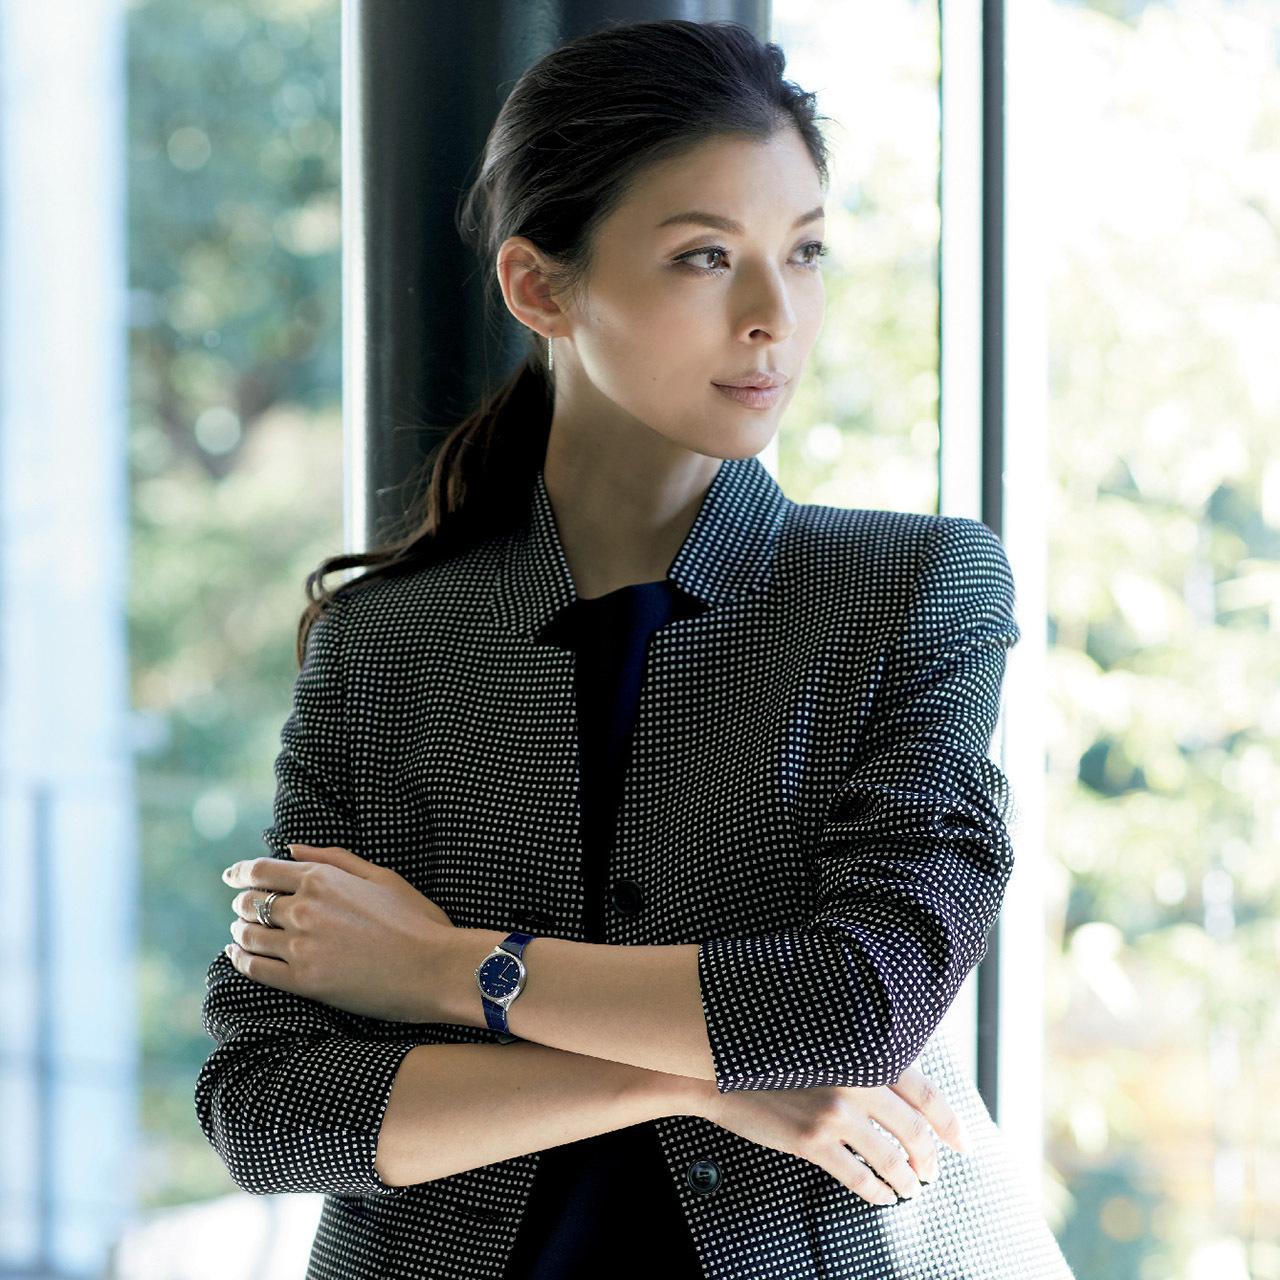 大人の女性にピッタリの時計 photo gallery_1_1-5